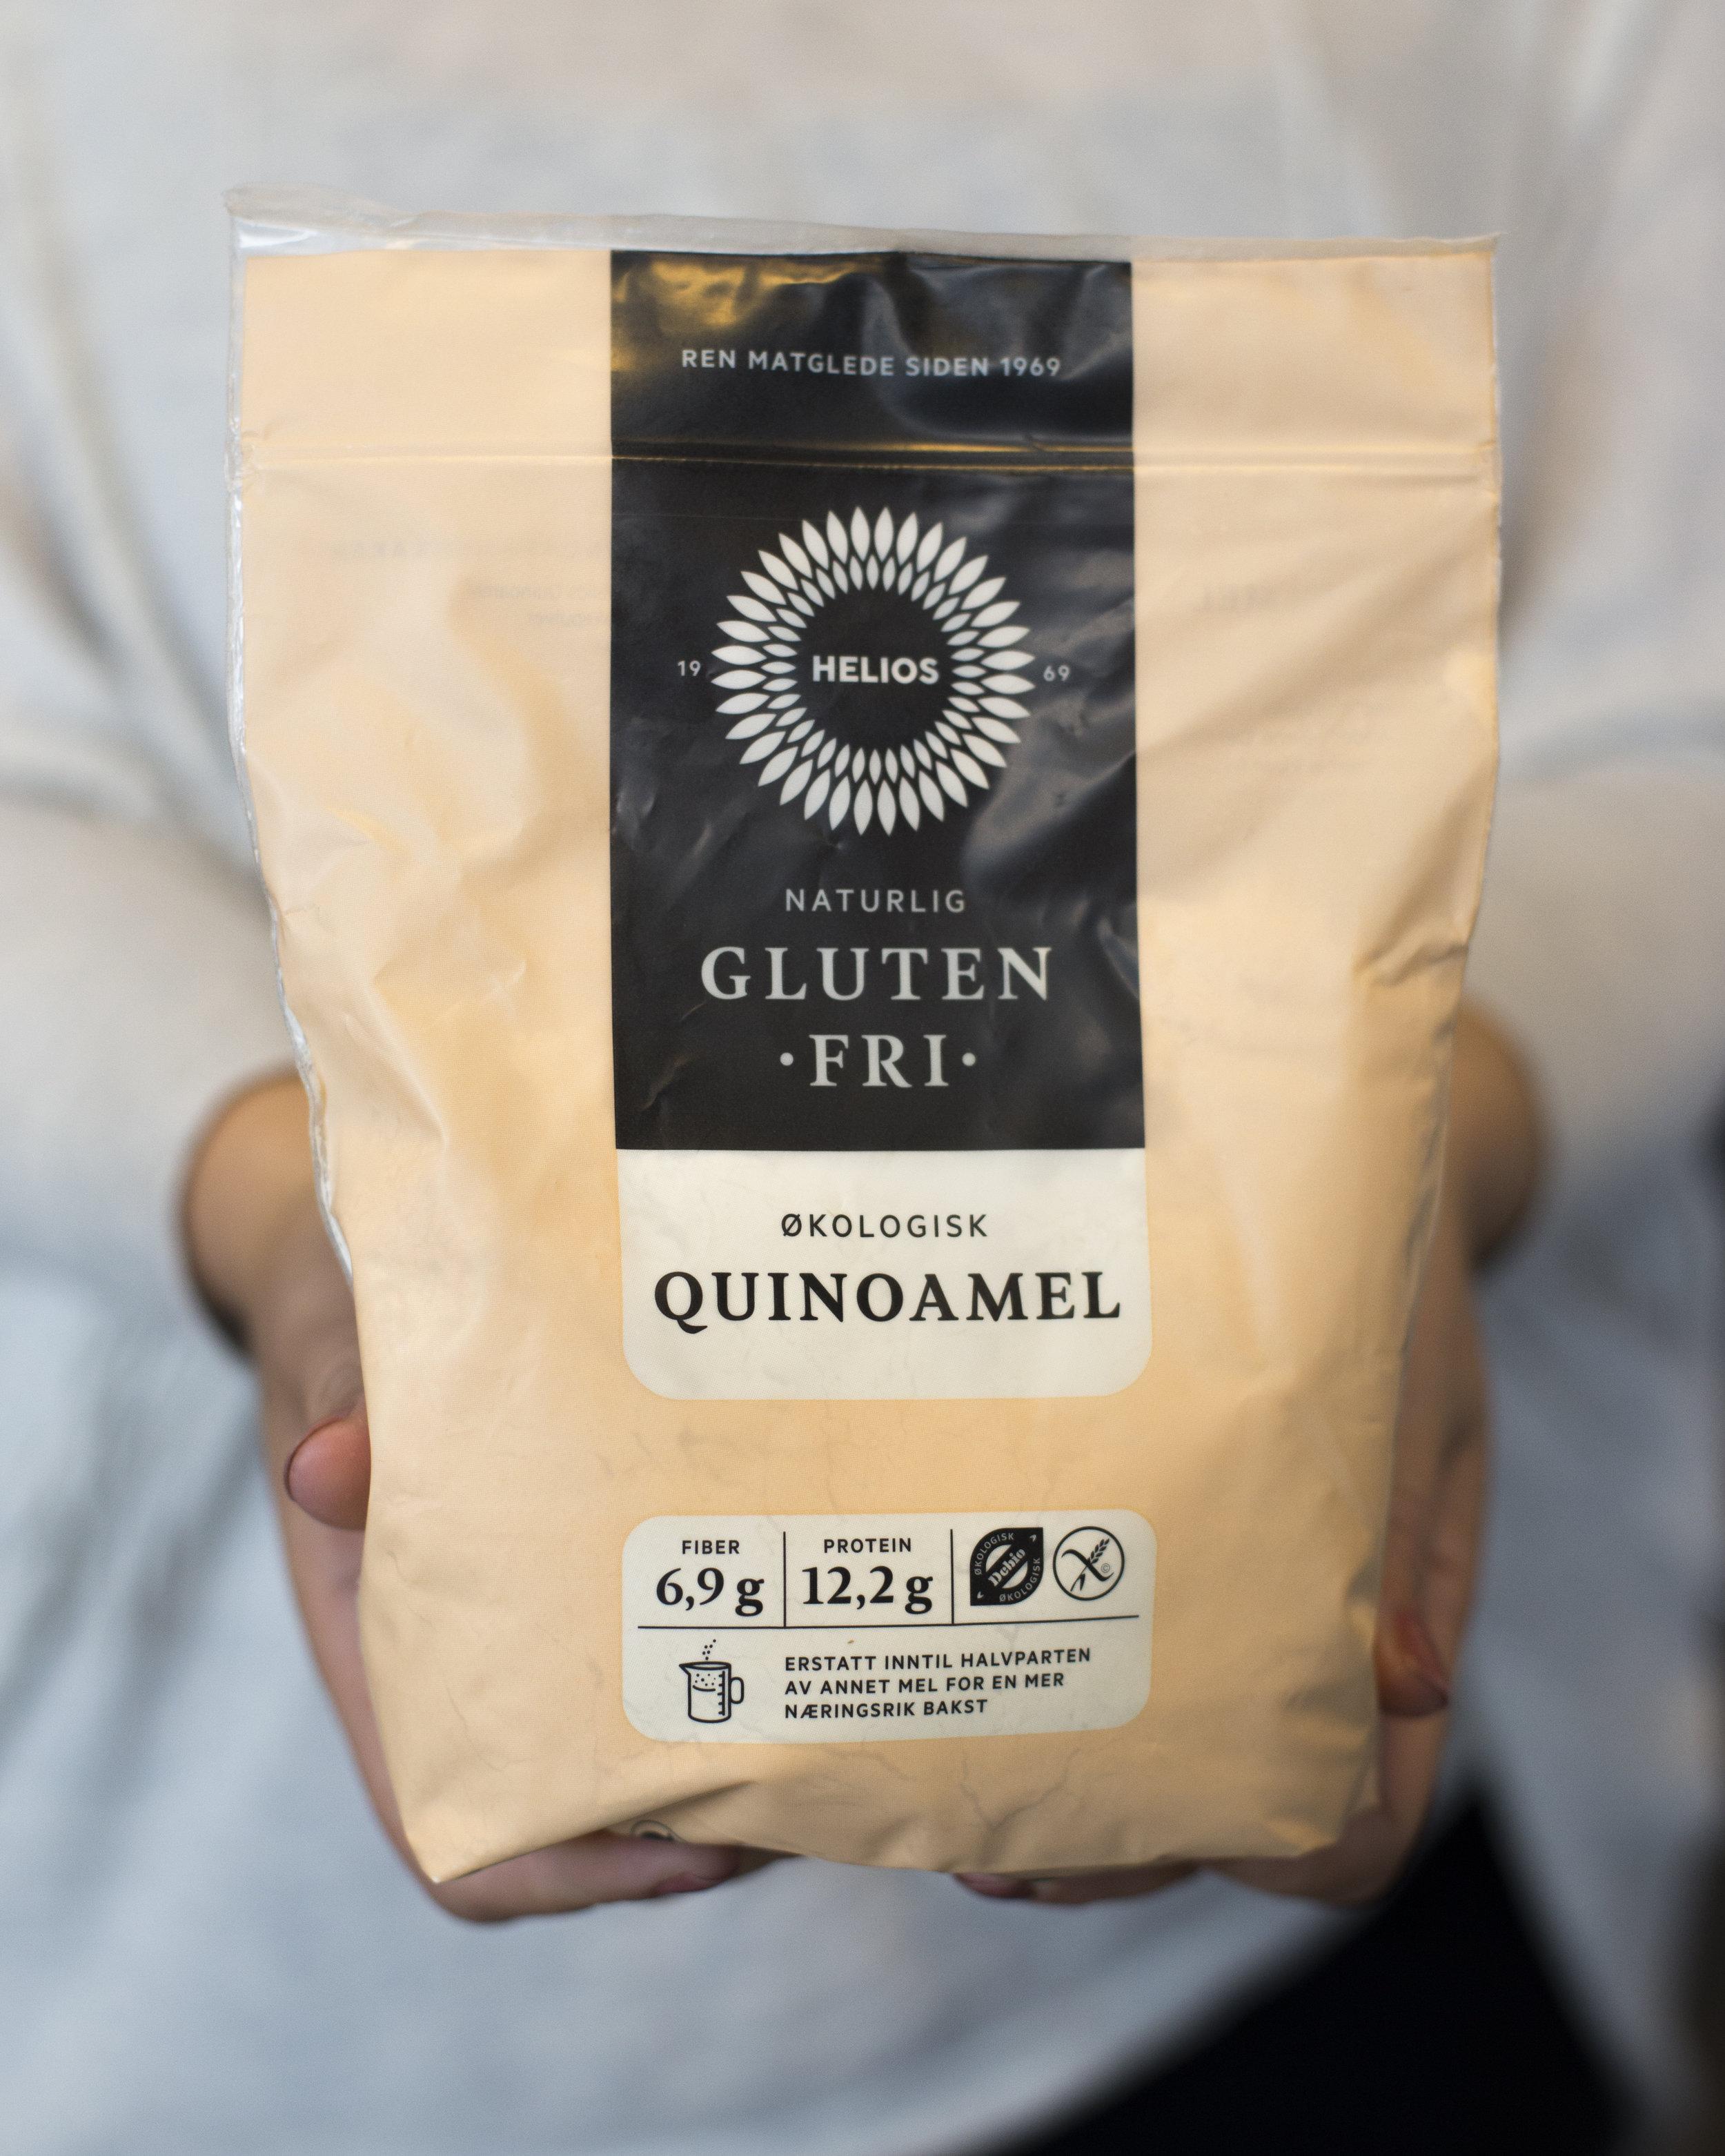 quinoamel bakgrunn.jpg